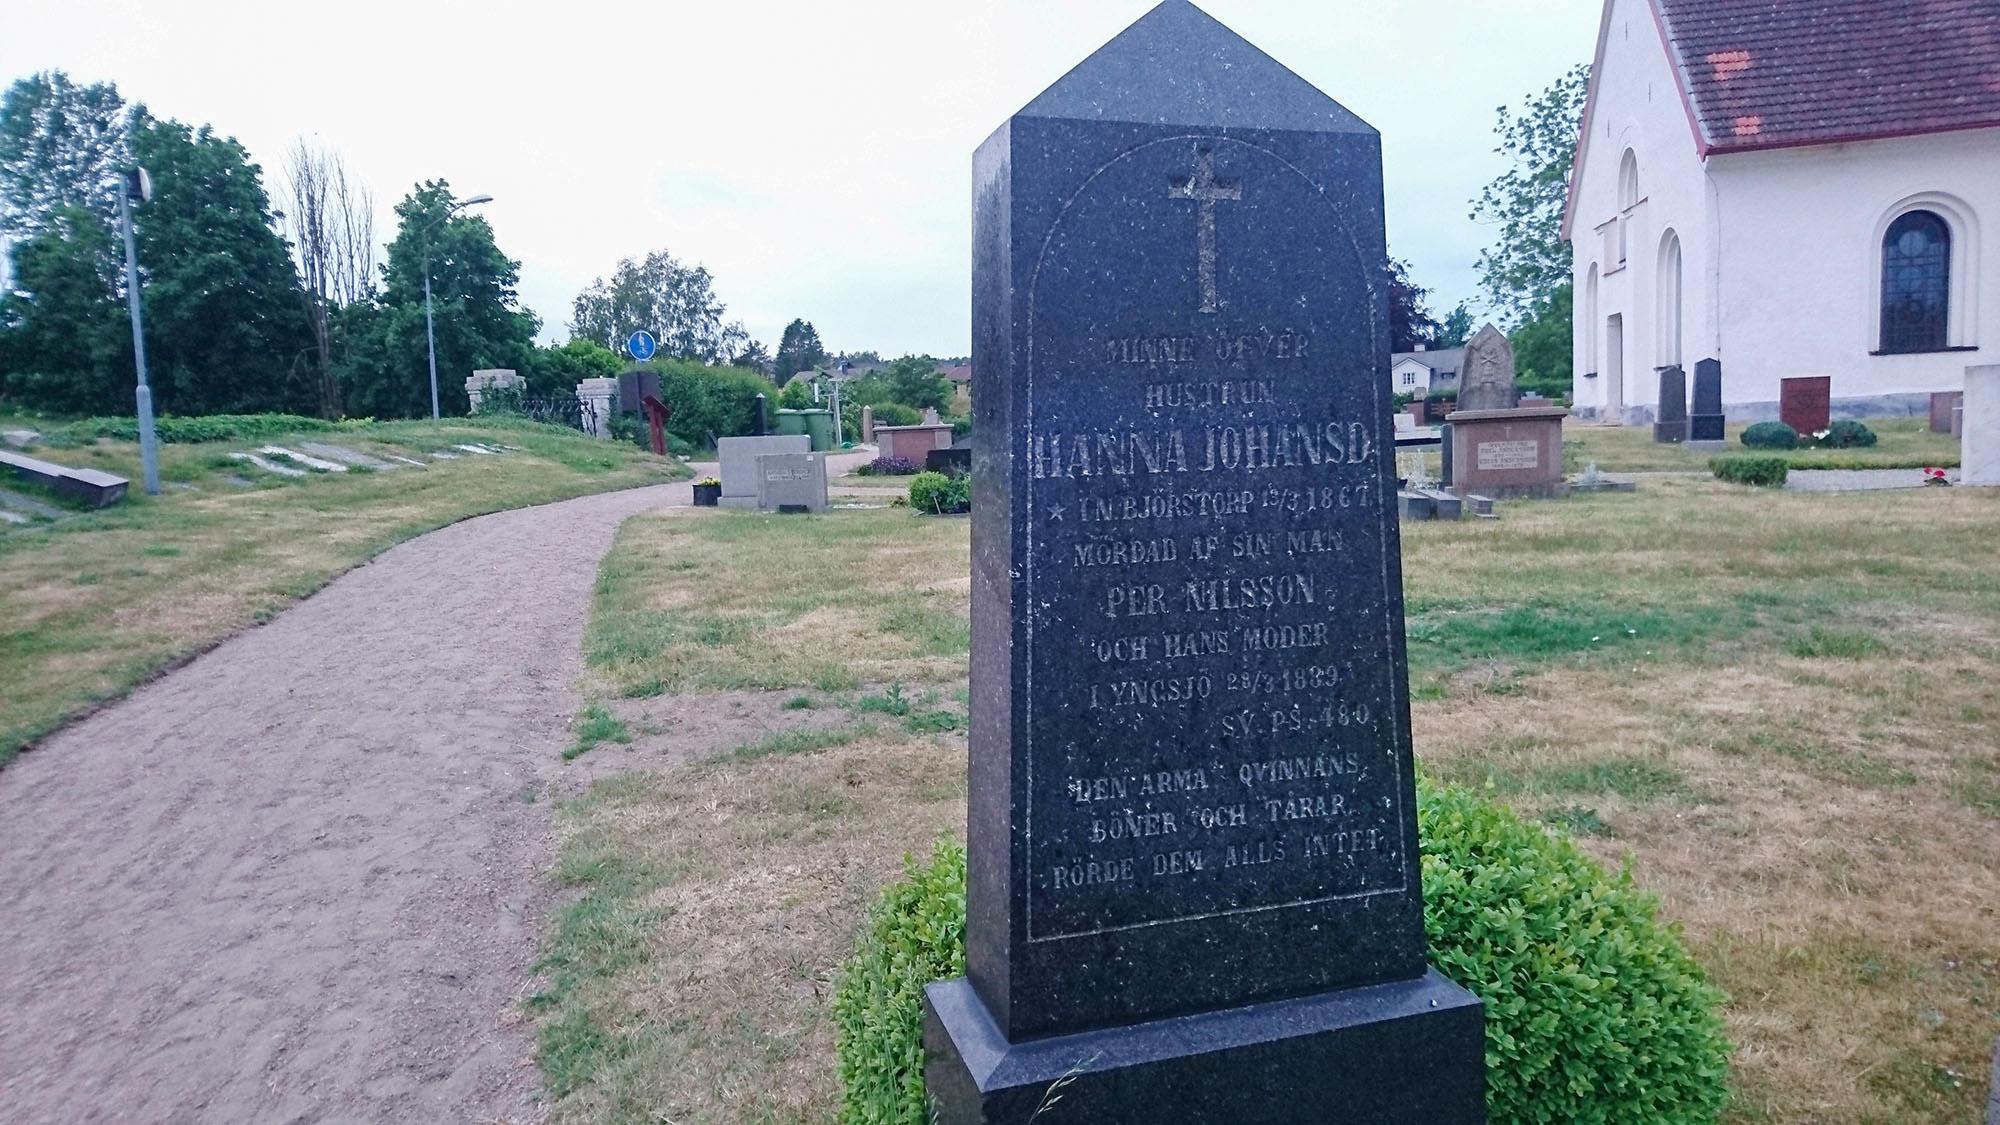 """""""Den arma qvinnans tårar och böner rörde dem alls intet"""", står det på mördade Hanna Johansdotter gravsten i Brösarp."""